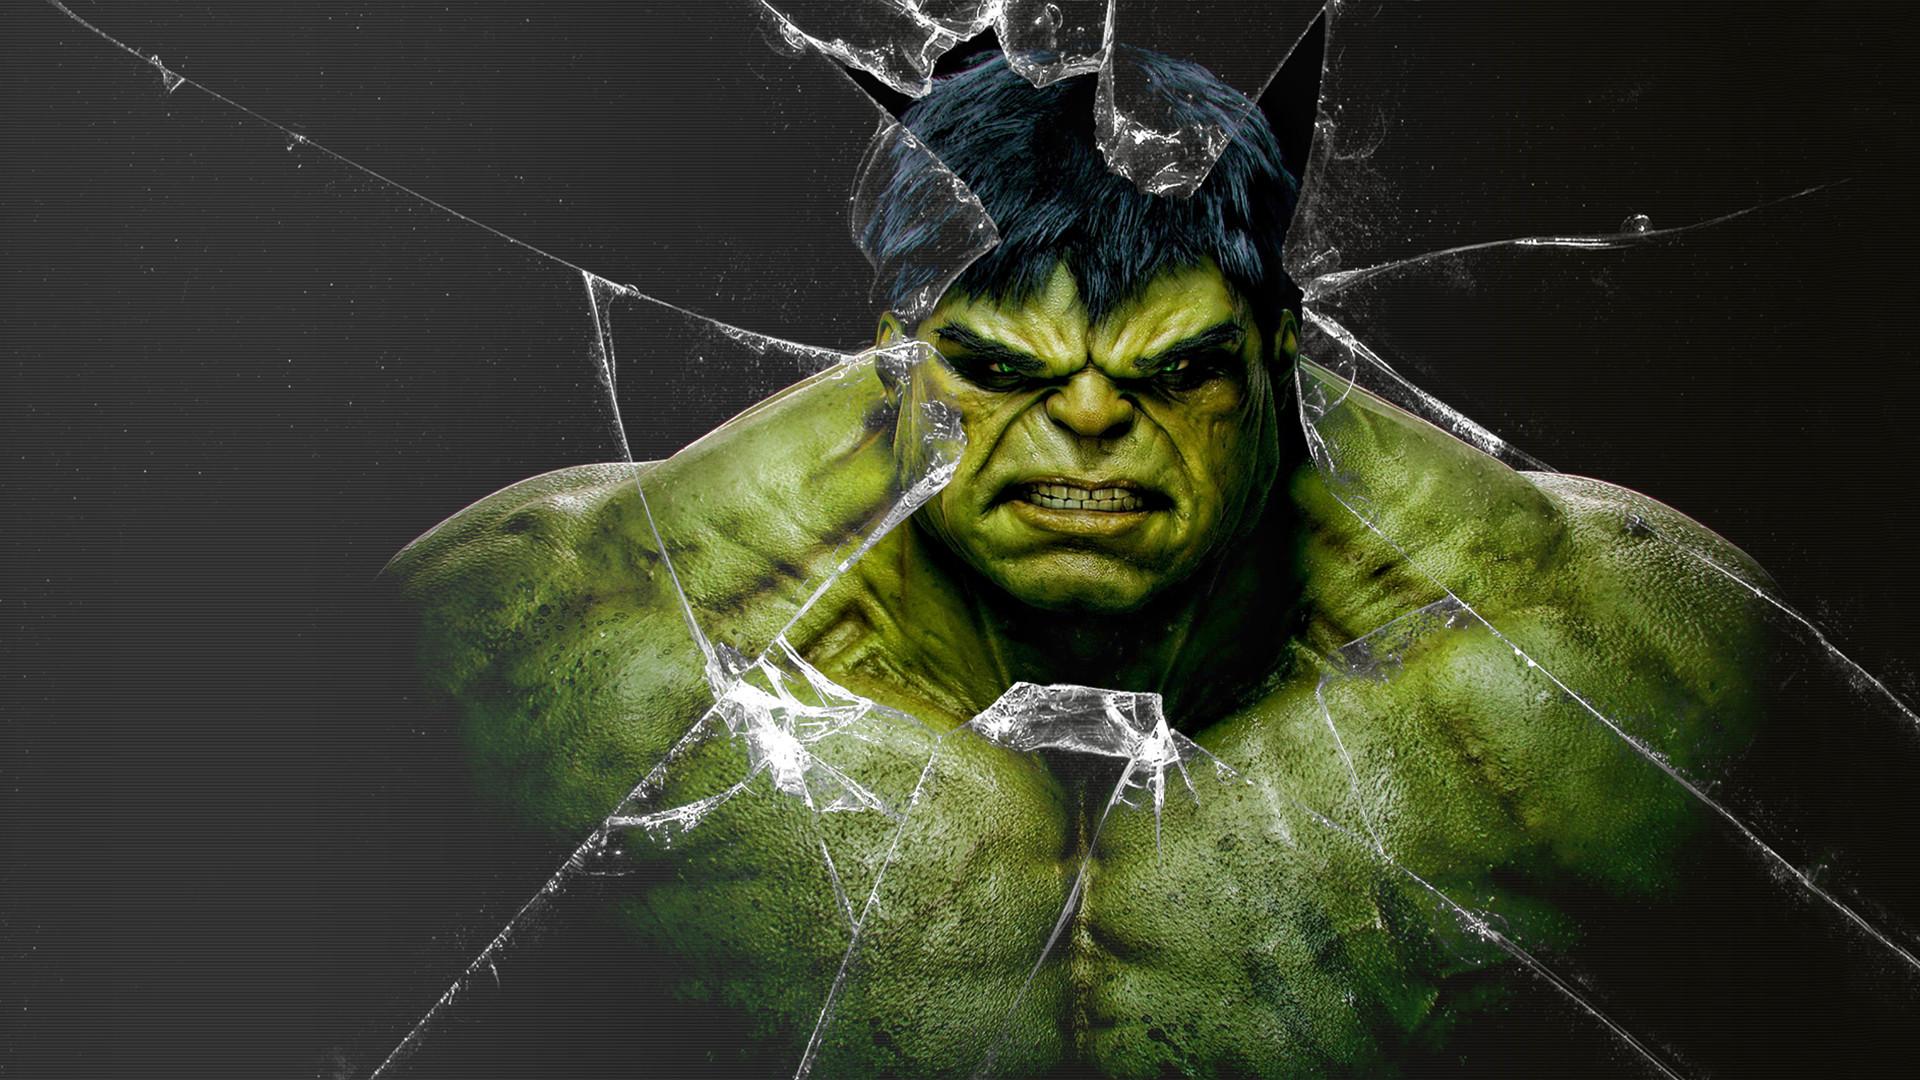 1920x1080 Hulk Wallpaper .